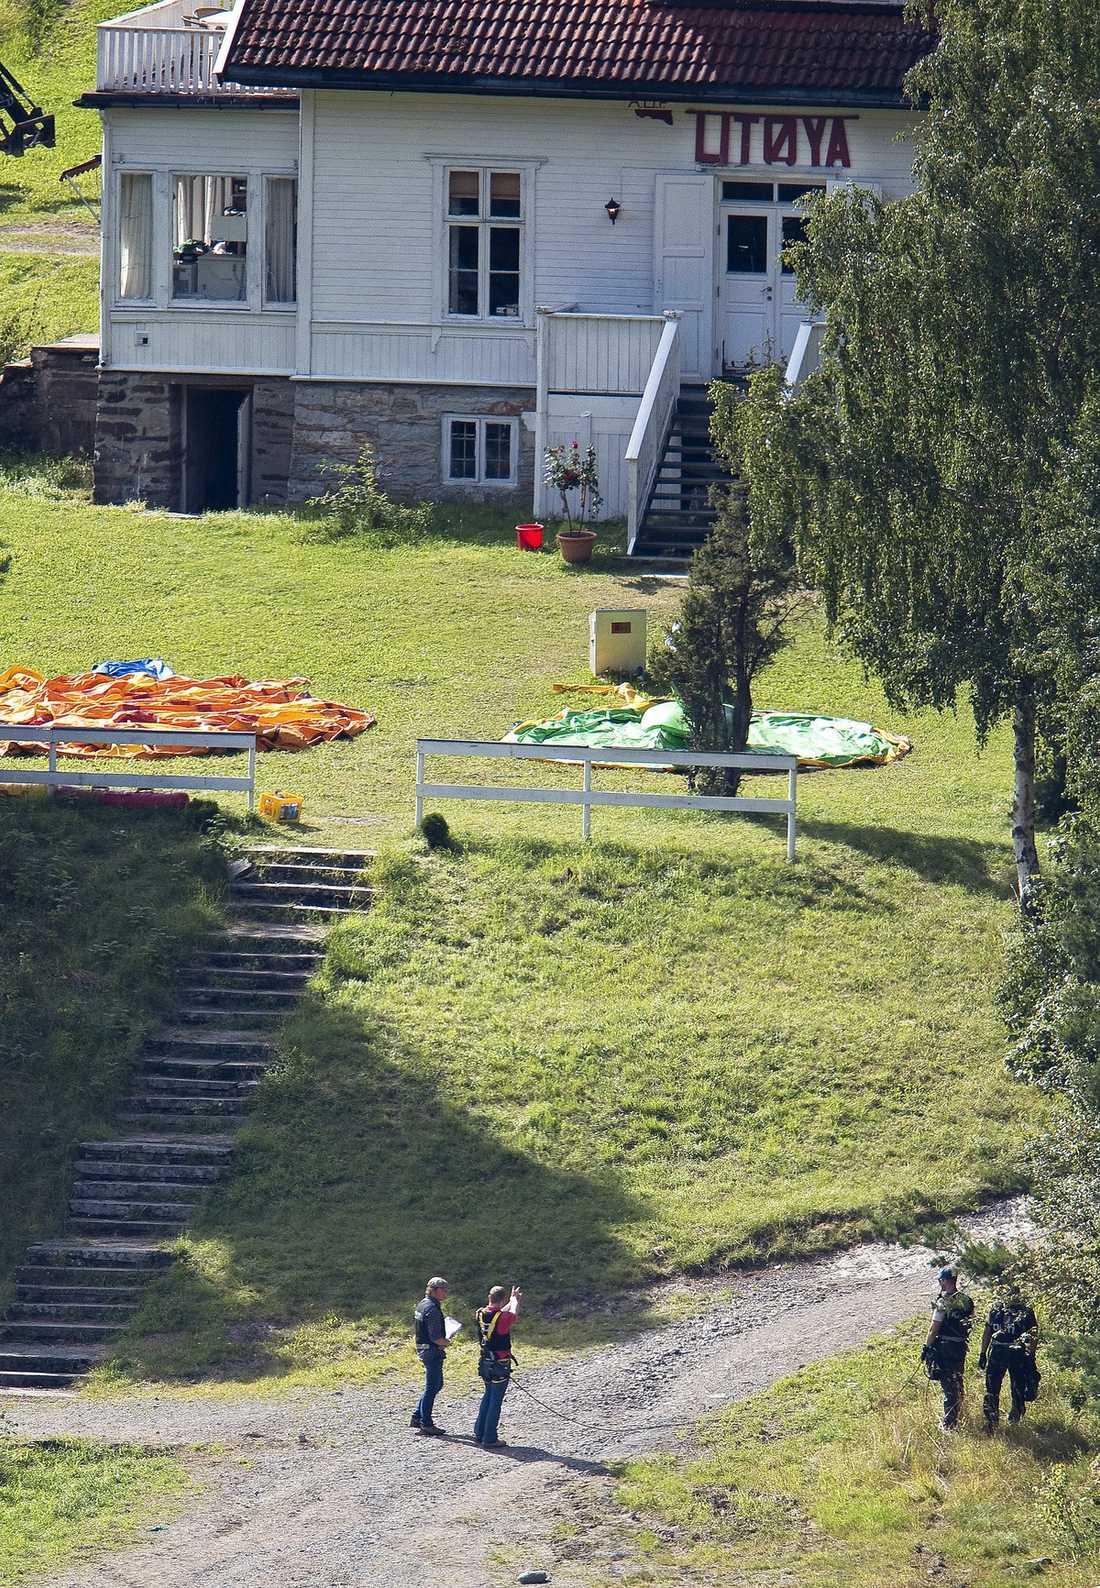 FORMADE HÄNDERNA TILL EN PISTOL  Lugnt och behärskat visade Anders Behring Breivik hur han gick till väga när han avrättade 69 människor på Utøya. Han formade händerna till en pistol och visade hur han sköt upp mot receptionshuset.